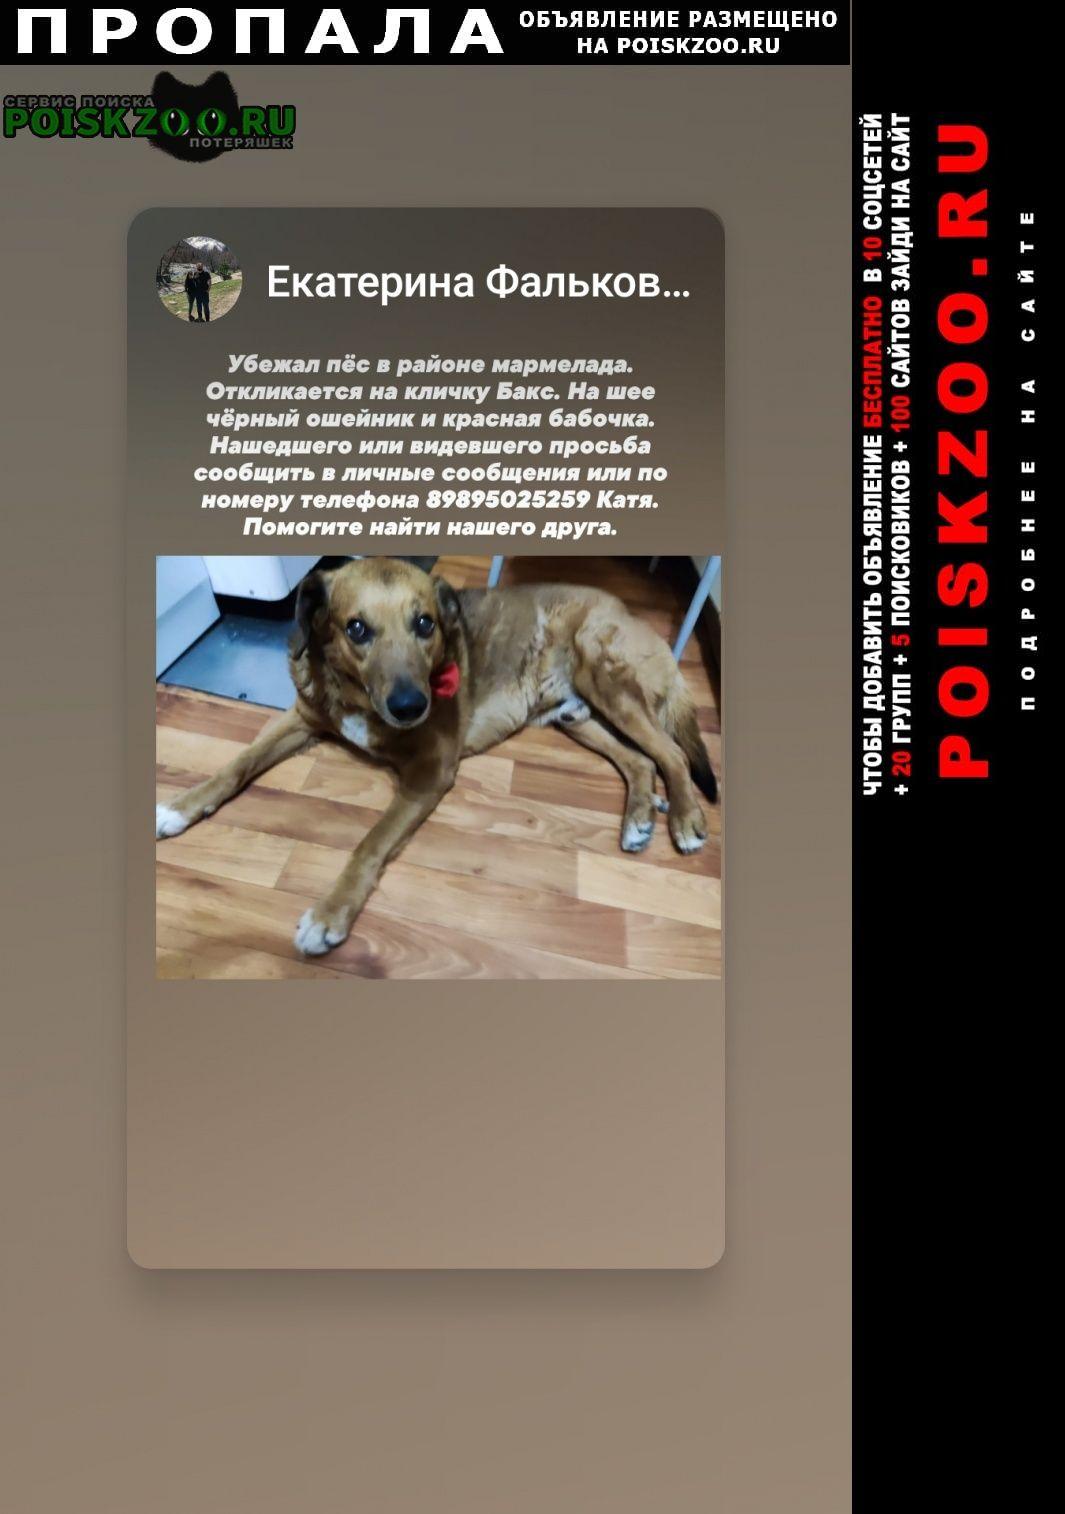 Пропала собака кобель Таганрог